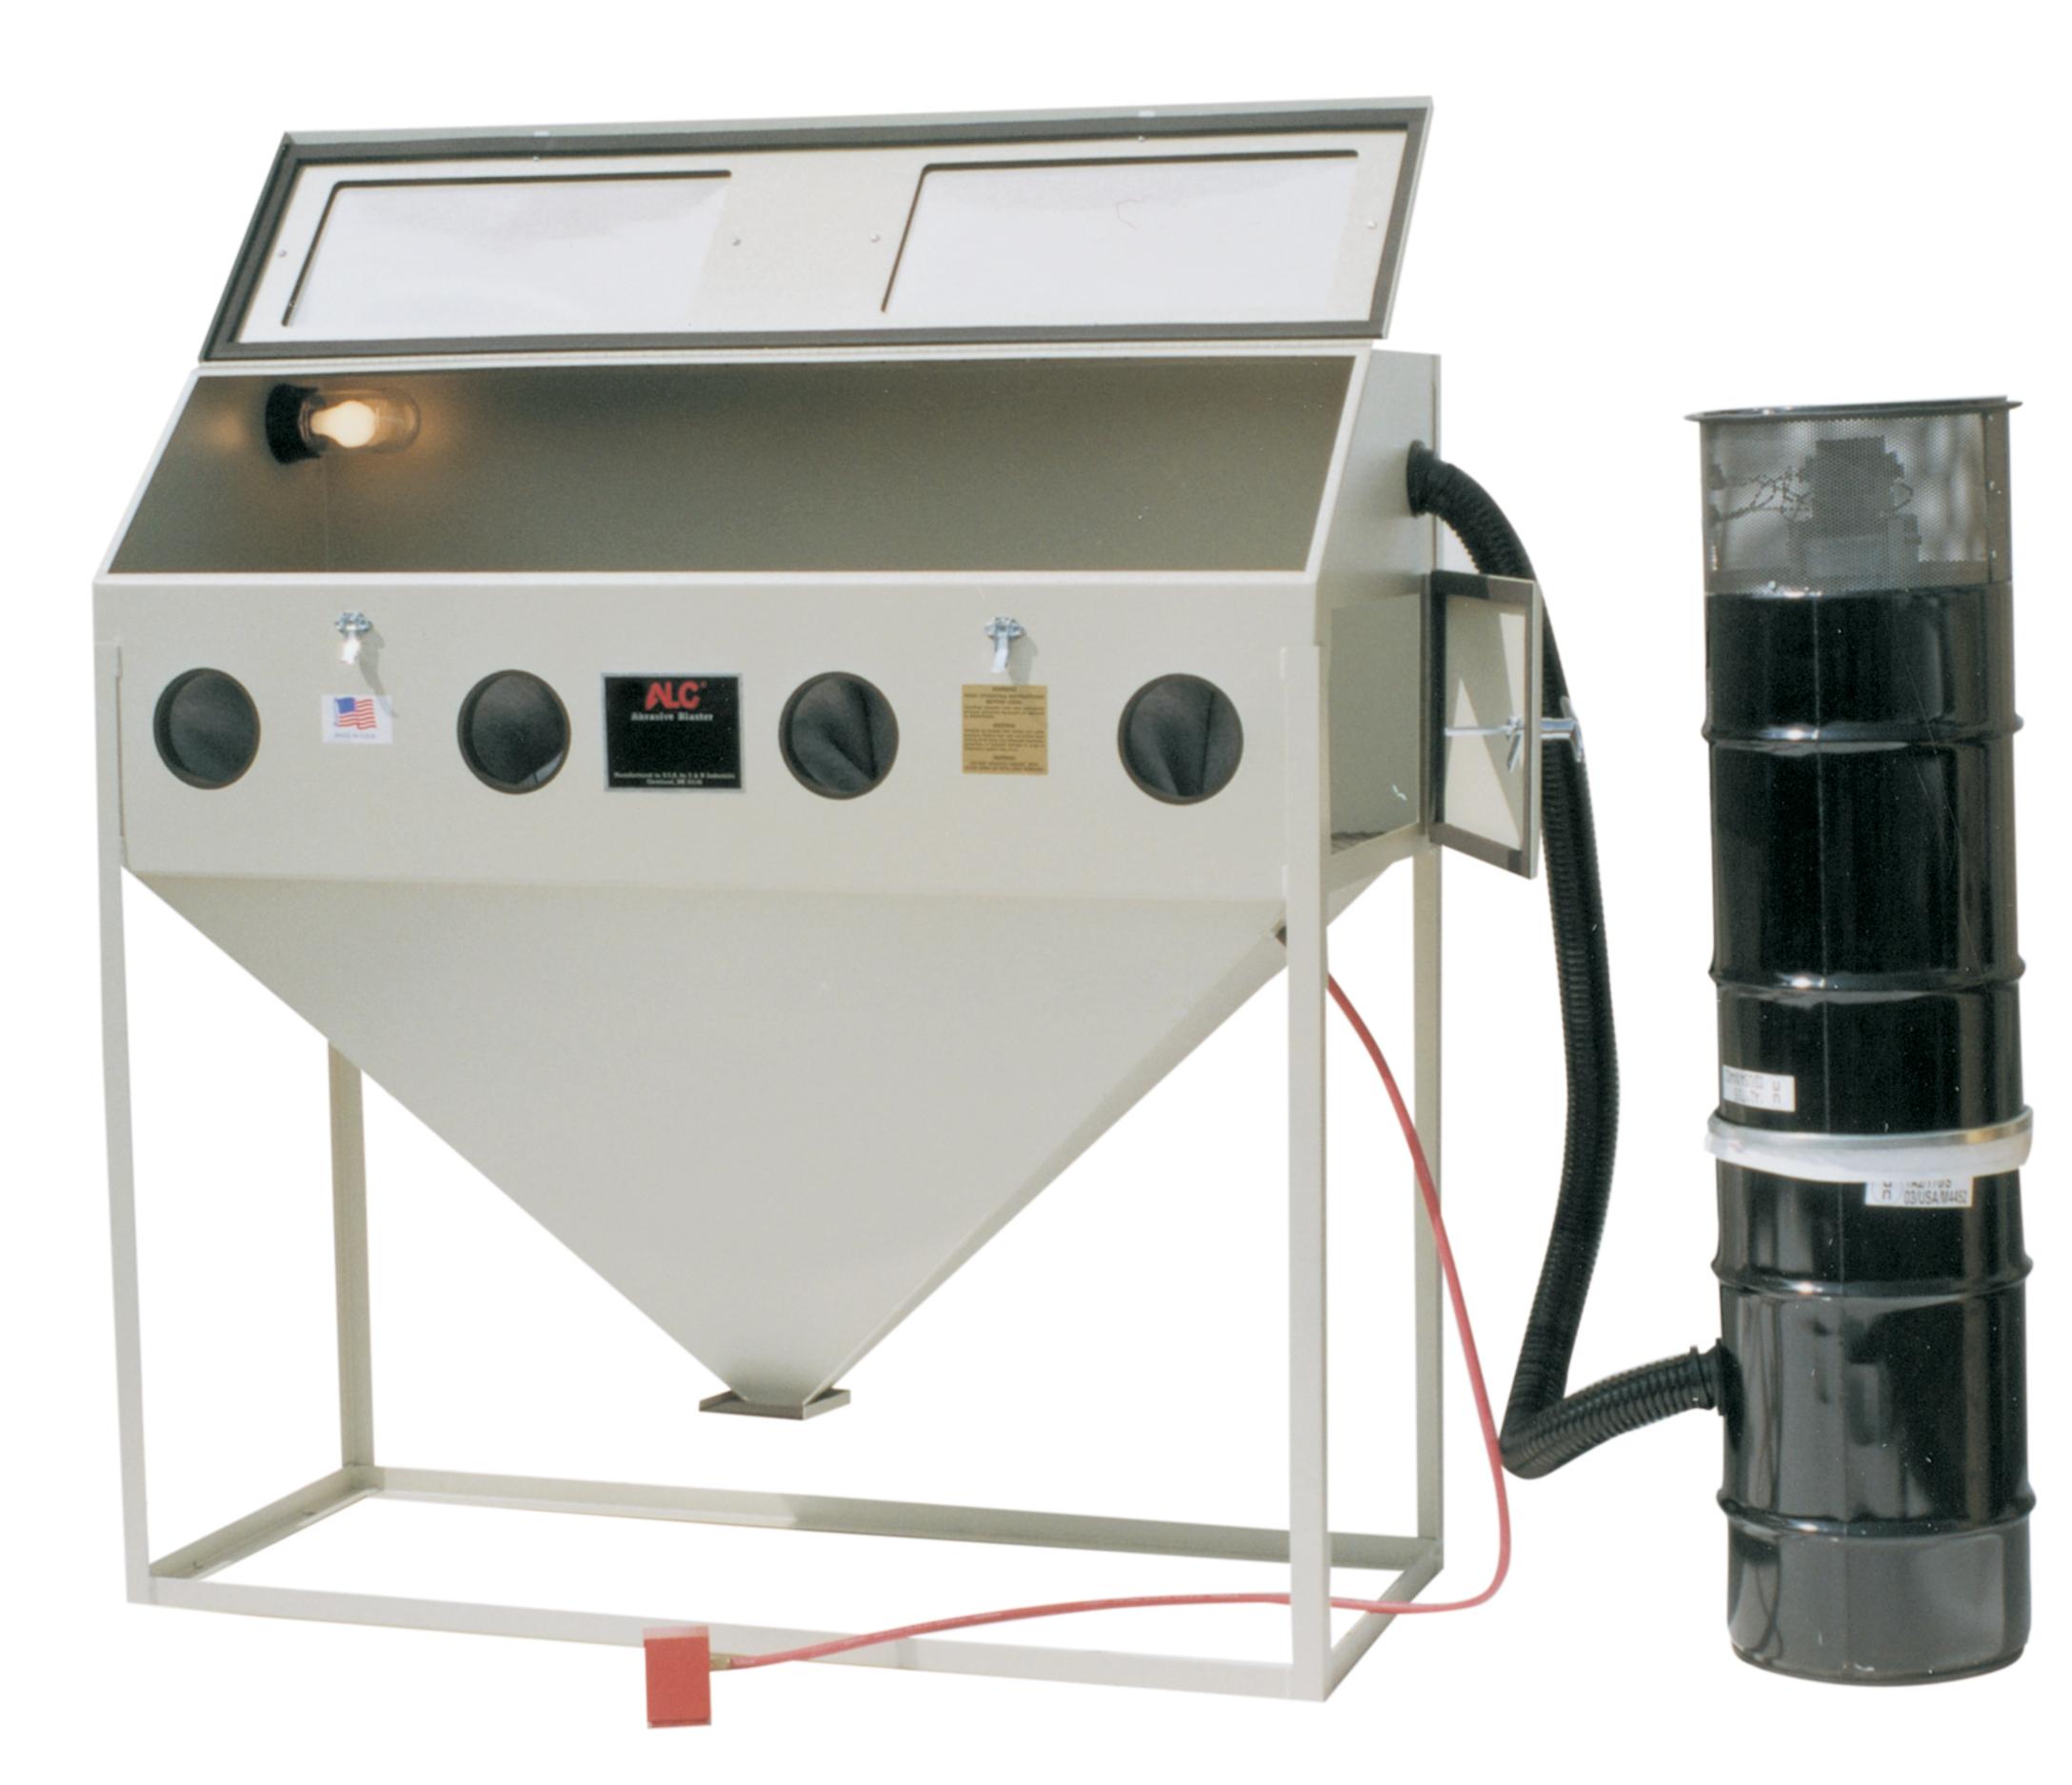 Steel Cabinet Blaster by ALC 40413